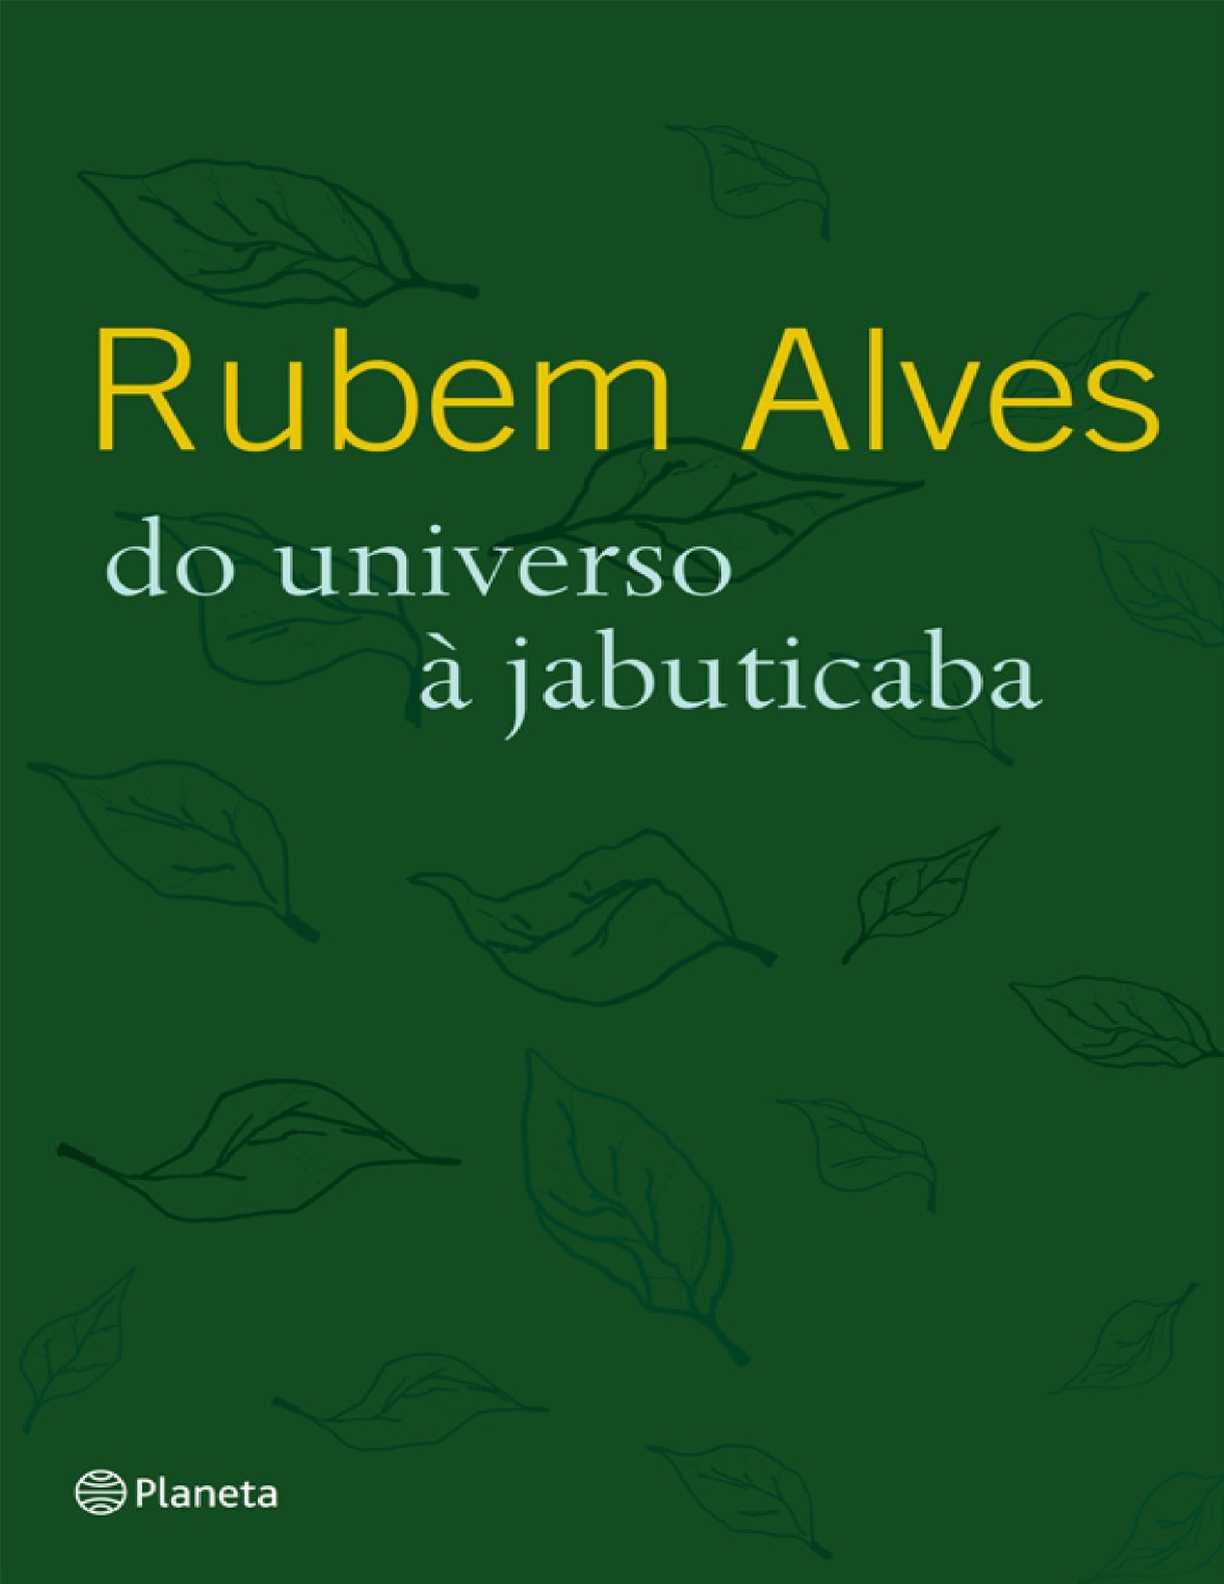 bf06e0a3ed8c4 Calaméo - Do Universo A Jabuticaba Rubem Alves